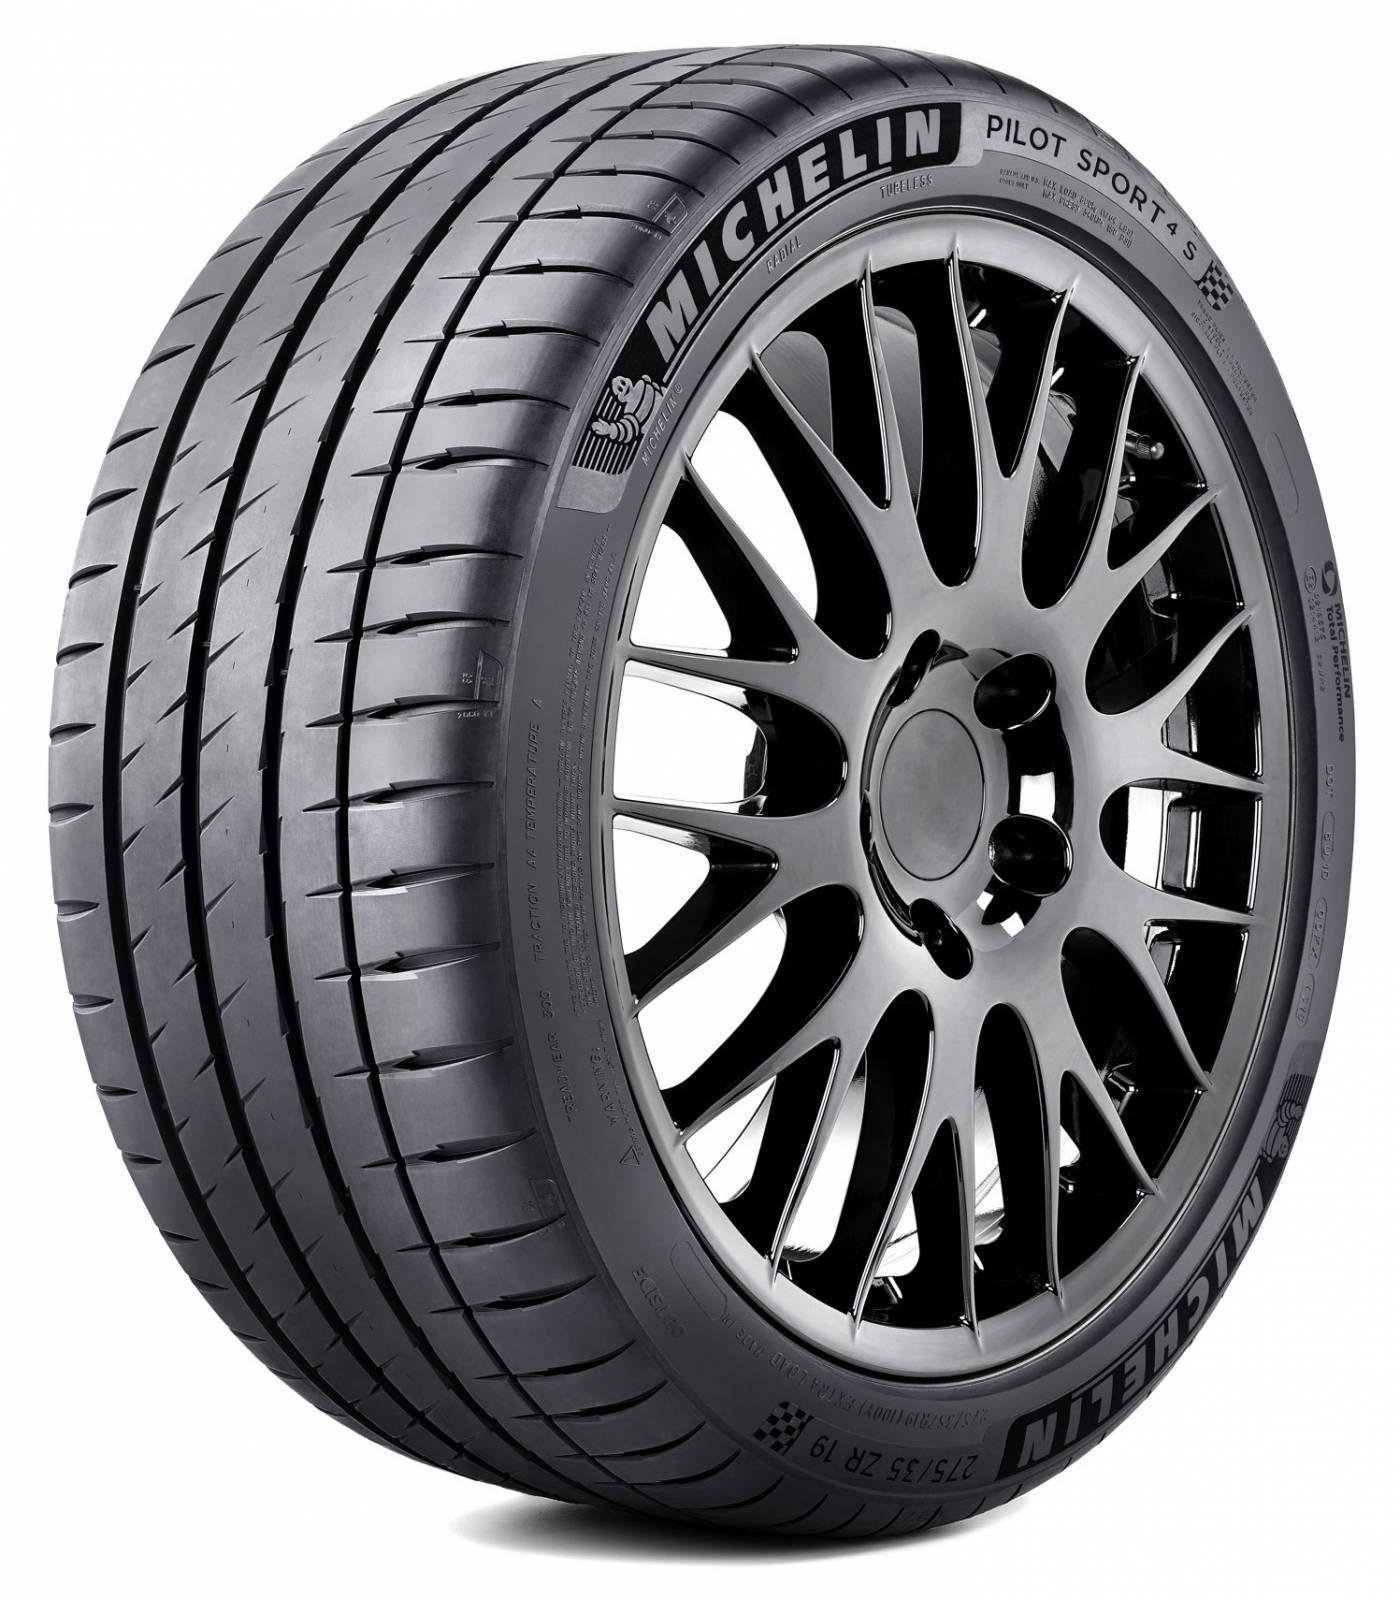 Pneu Michelin Pilot Sport 4 S 235/35 R19 91Y - ATS Pneus